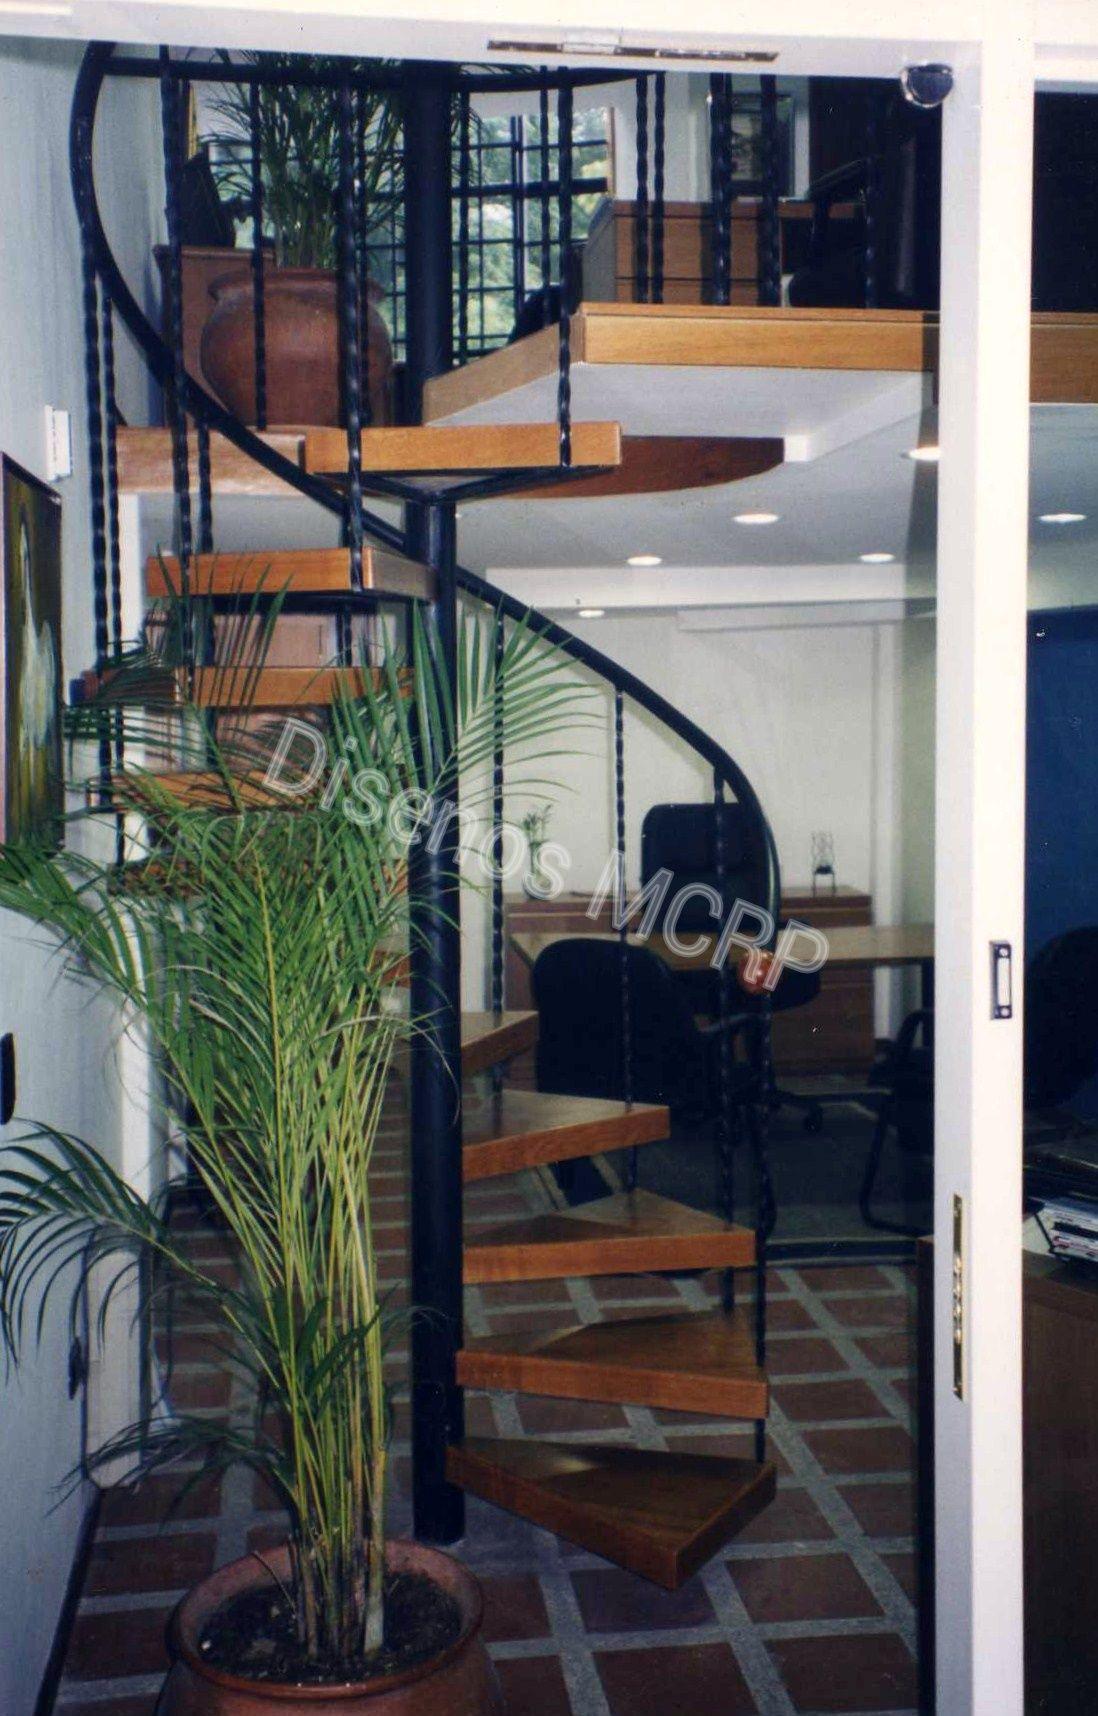 Escalera Caracol De Dise O Baranda En Hierro Forjado Escalones  ~ Precios De Escaleras De Caracol